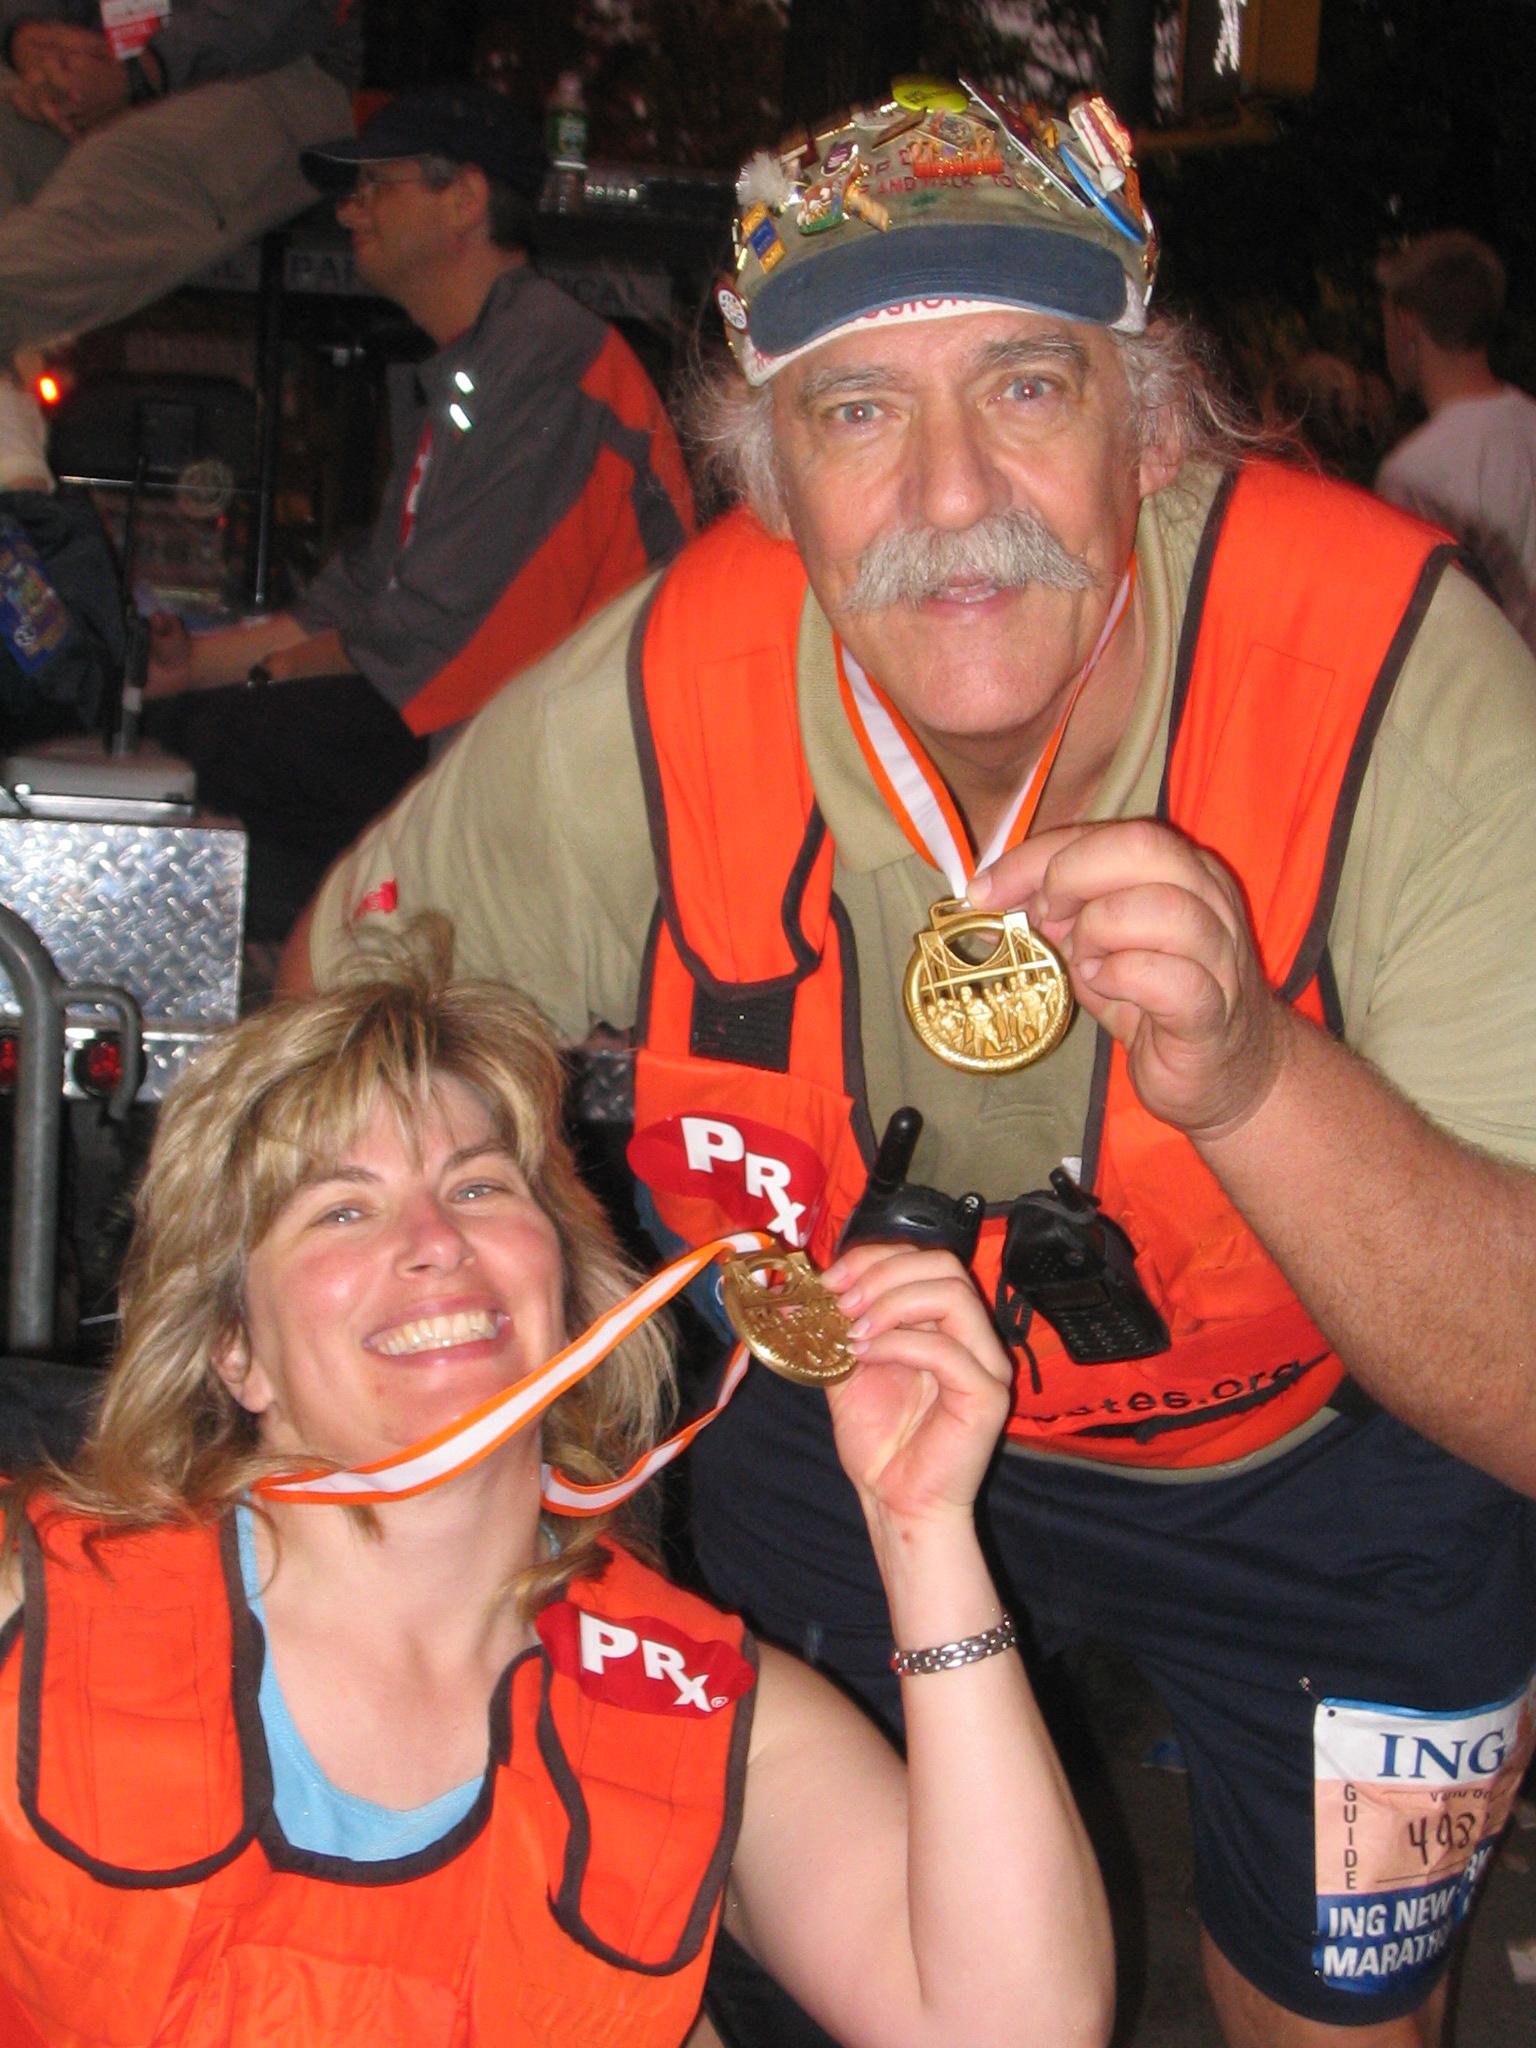 Mr D w Ellen and medals